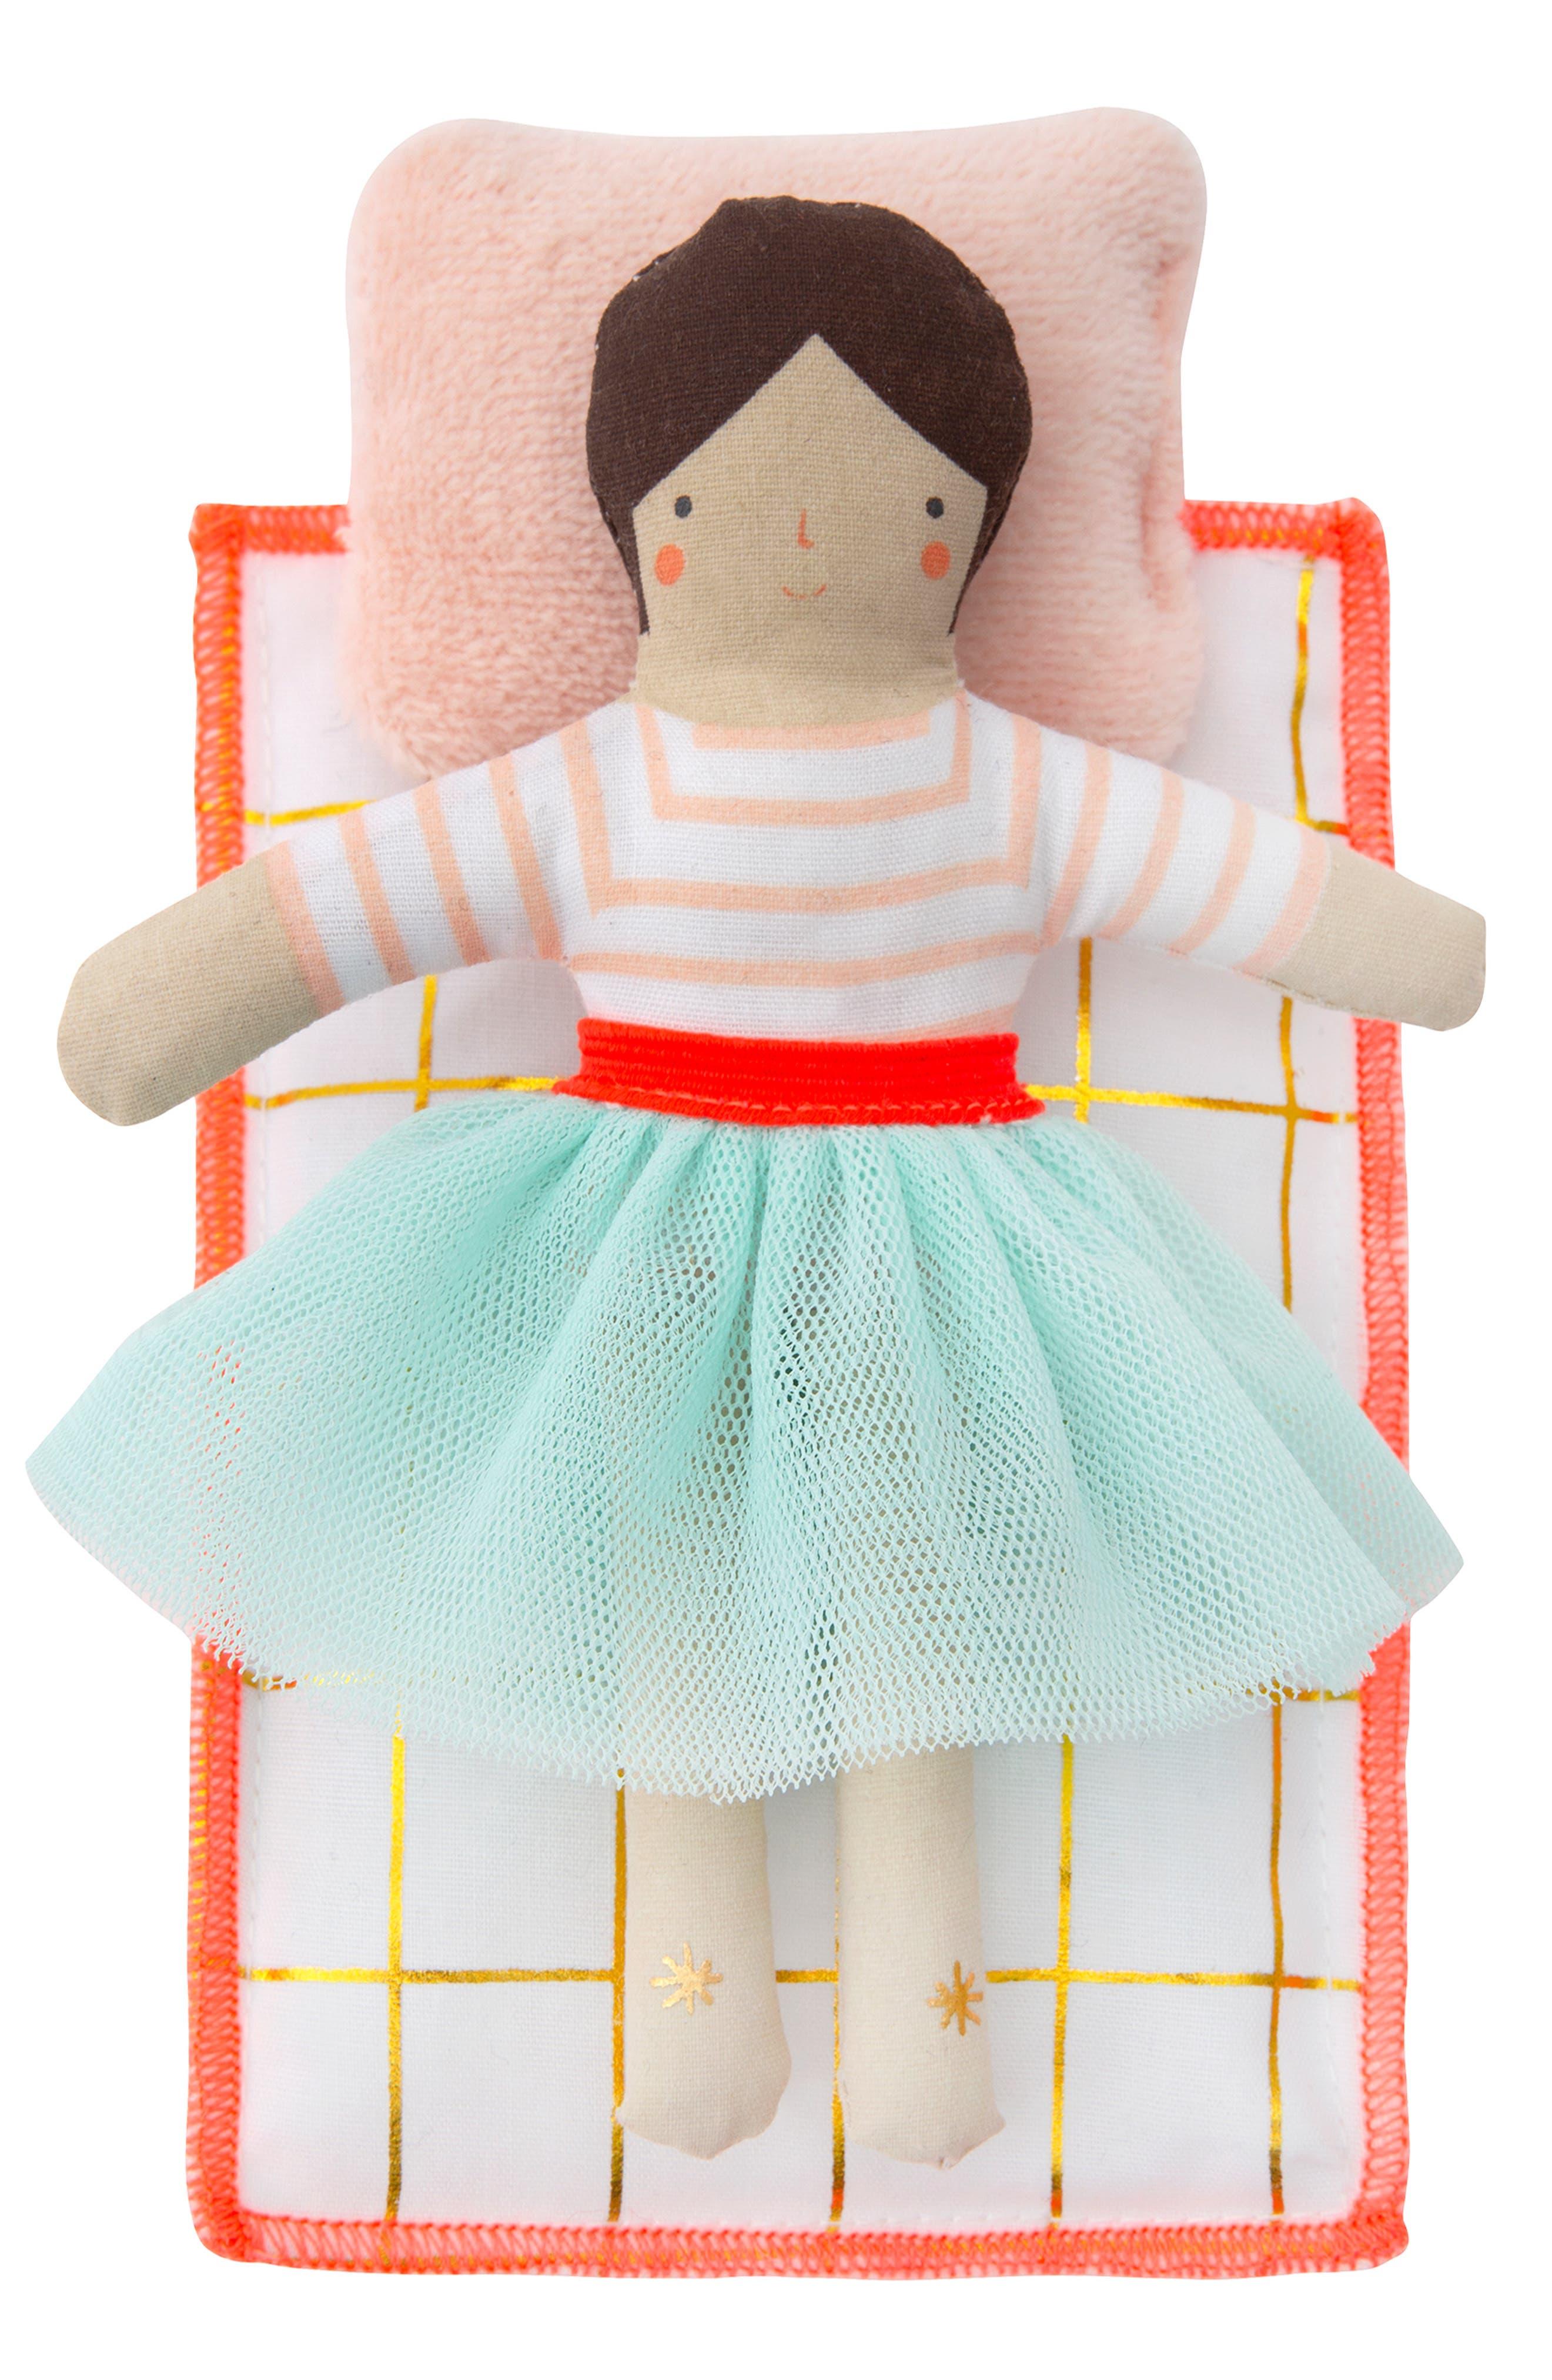 MERI MERI, Mini Lila Doll & Suitcase Set, Alternate thumbnail 3, color, 960